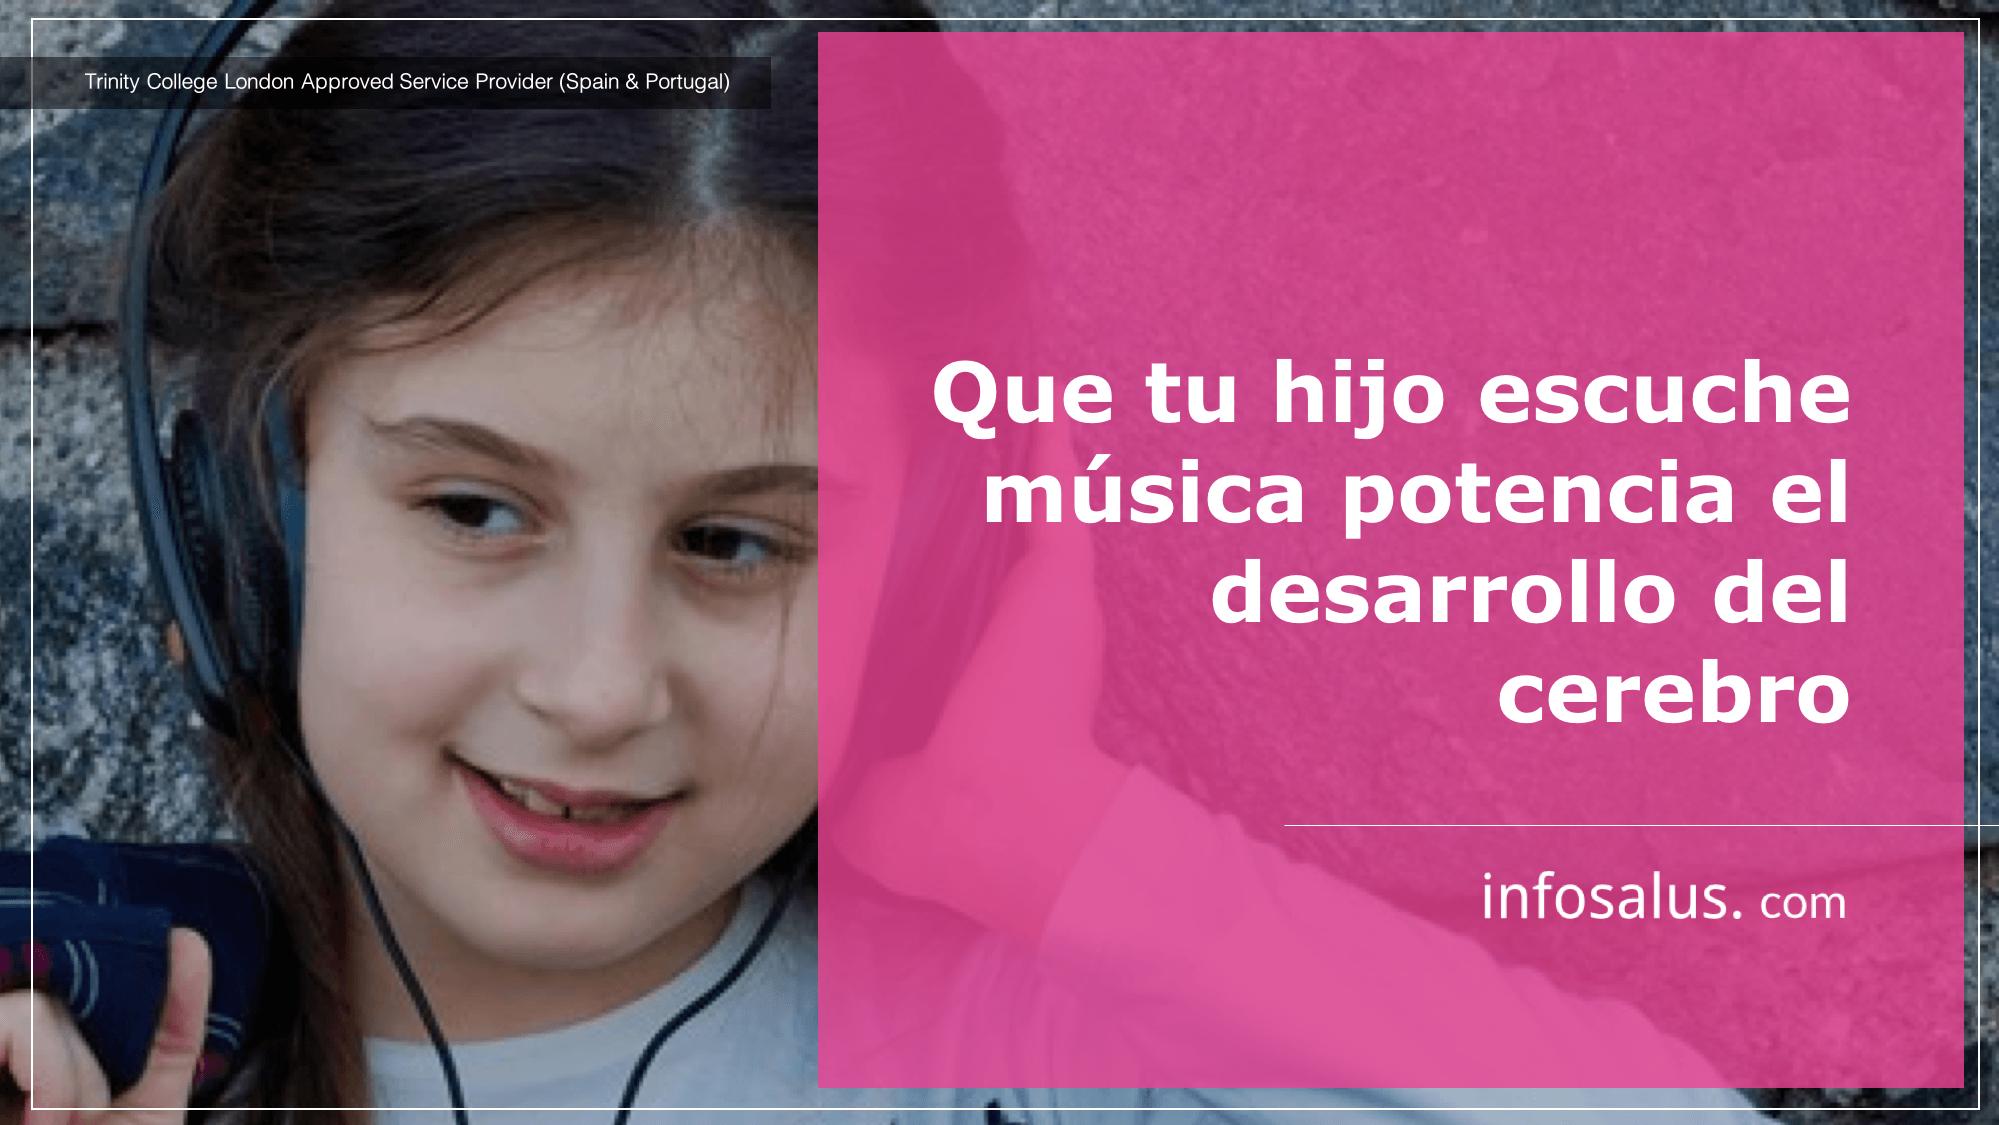 Que tu hijo escuche música potencia el desarrollo del cerebro